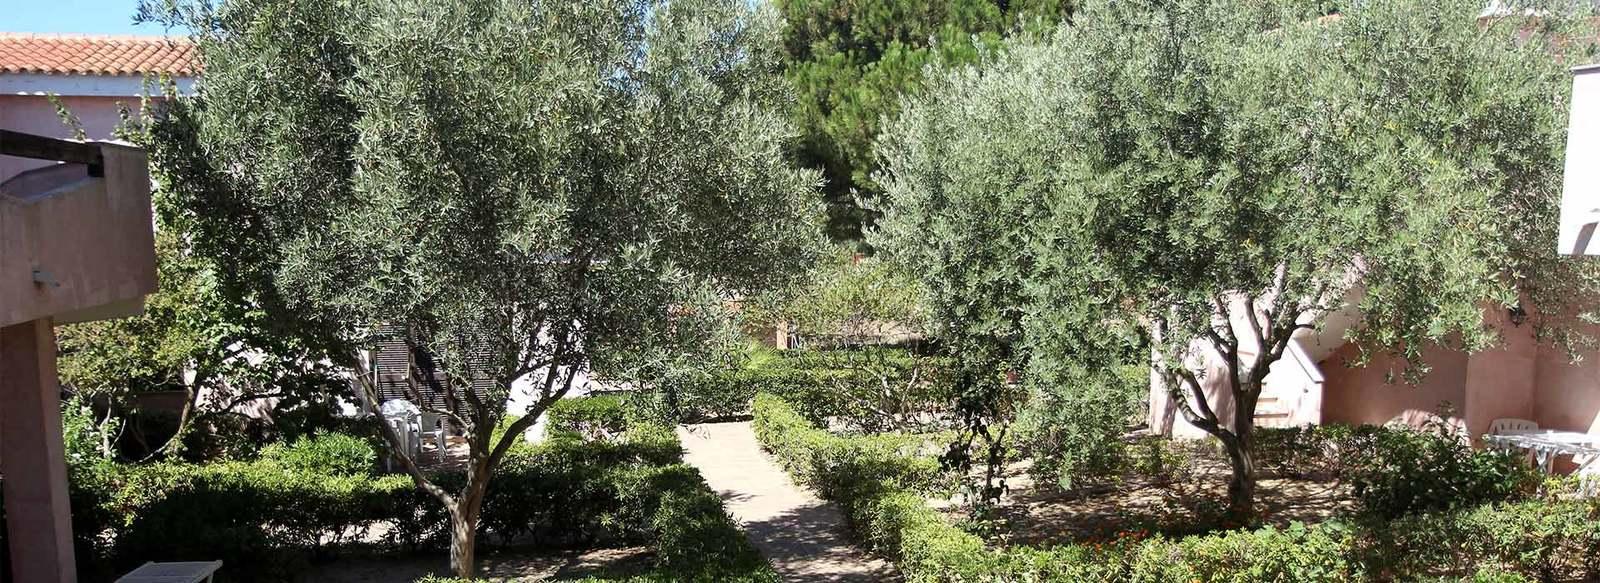 Natura incontaminata sul Golfo dell'Asinara